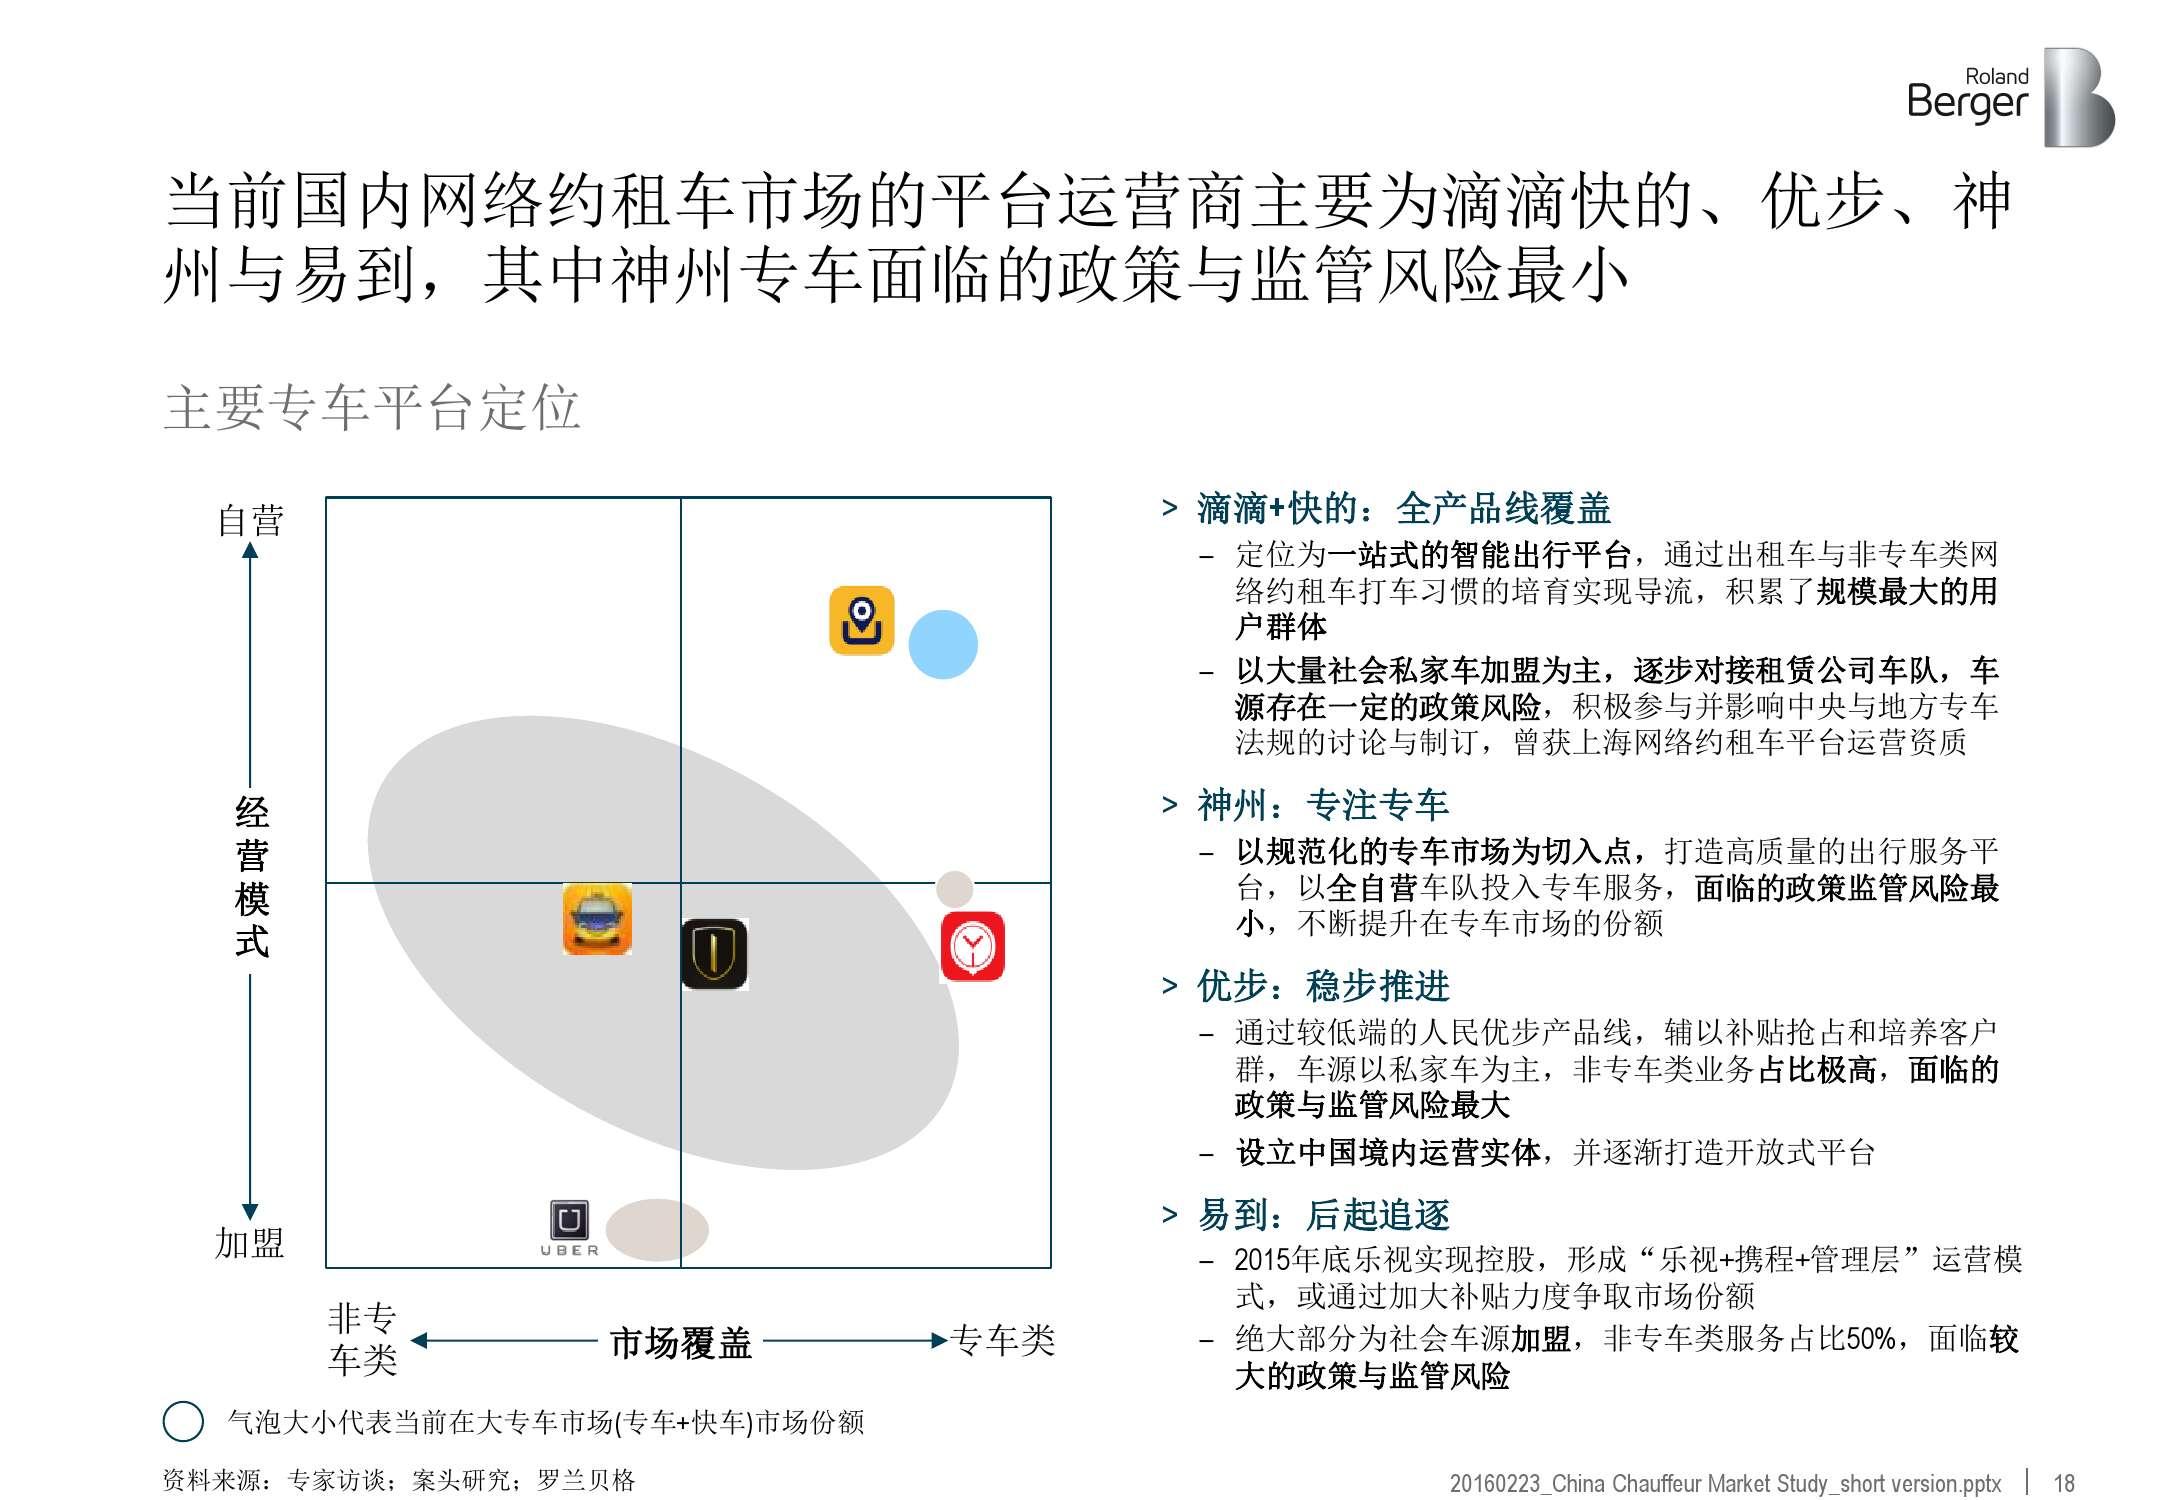 2016年中国专车市场分析报告_000018